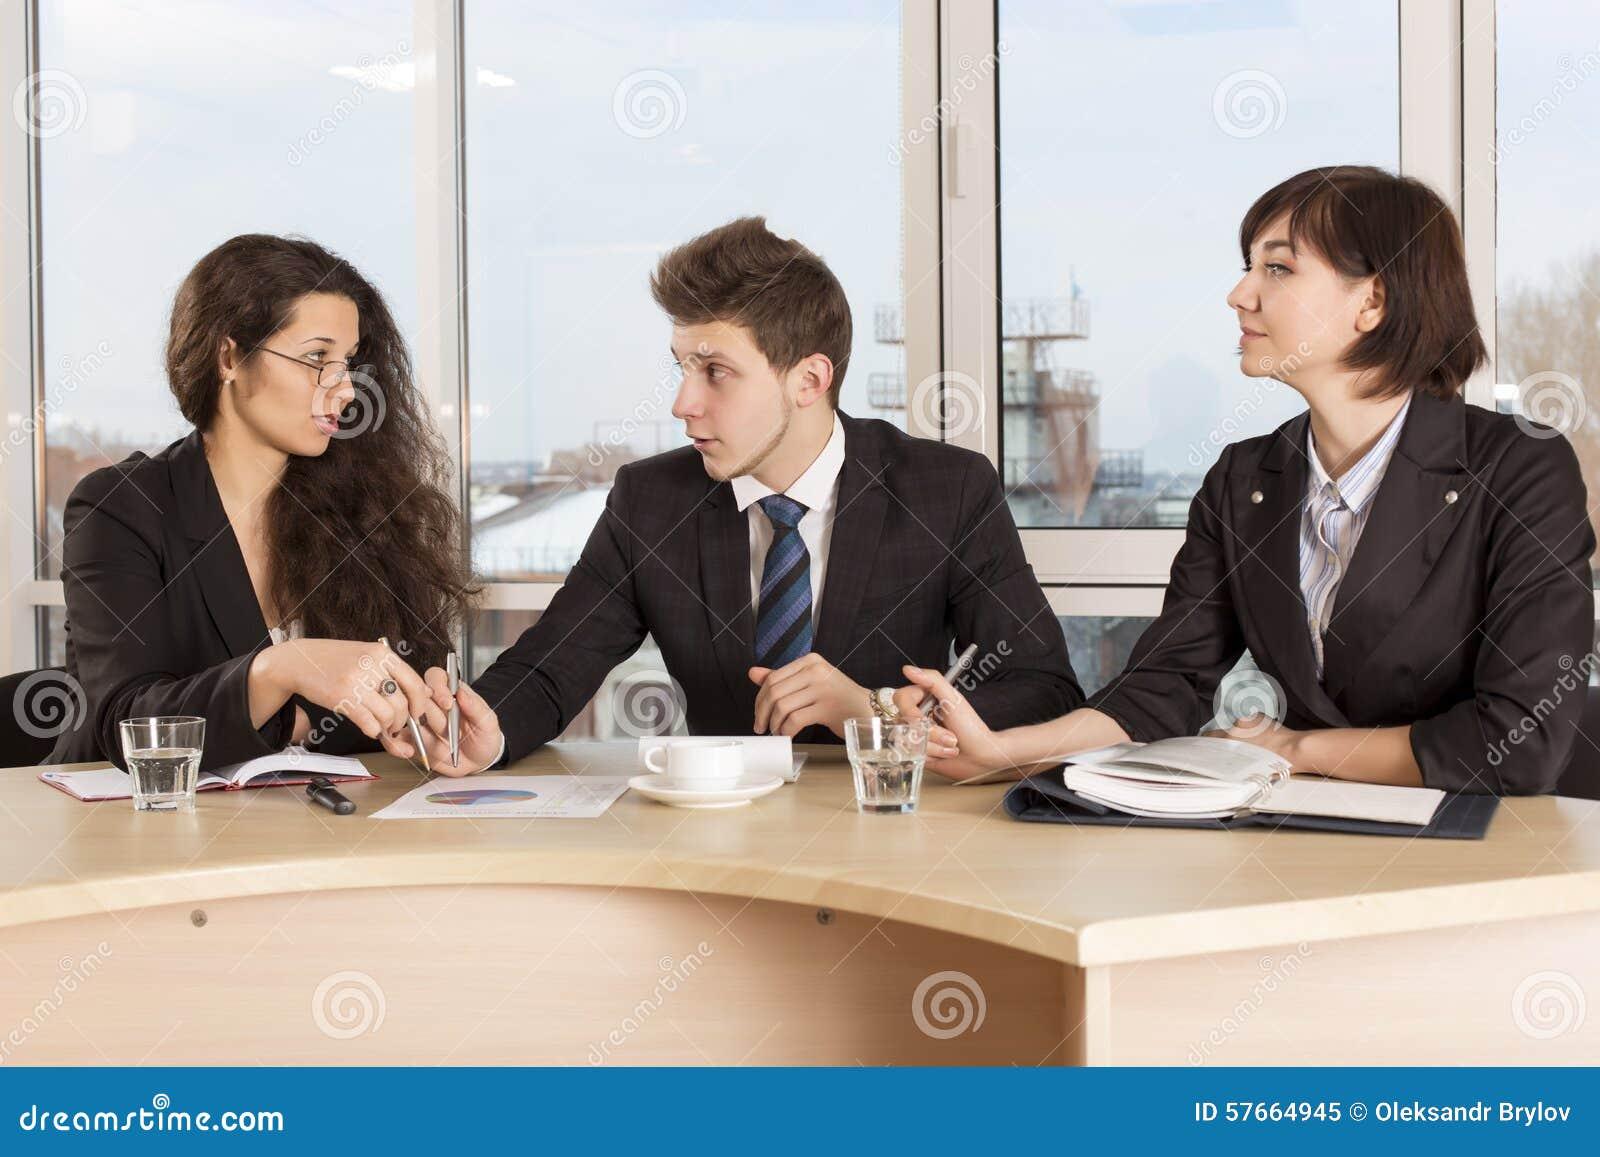 Discussione calda circa impatto finanziario del